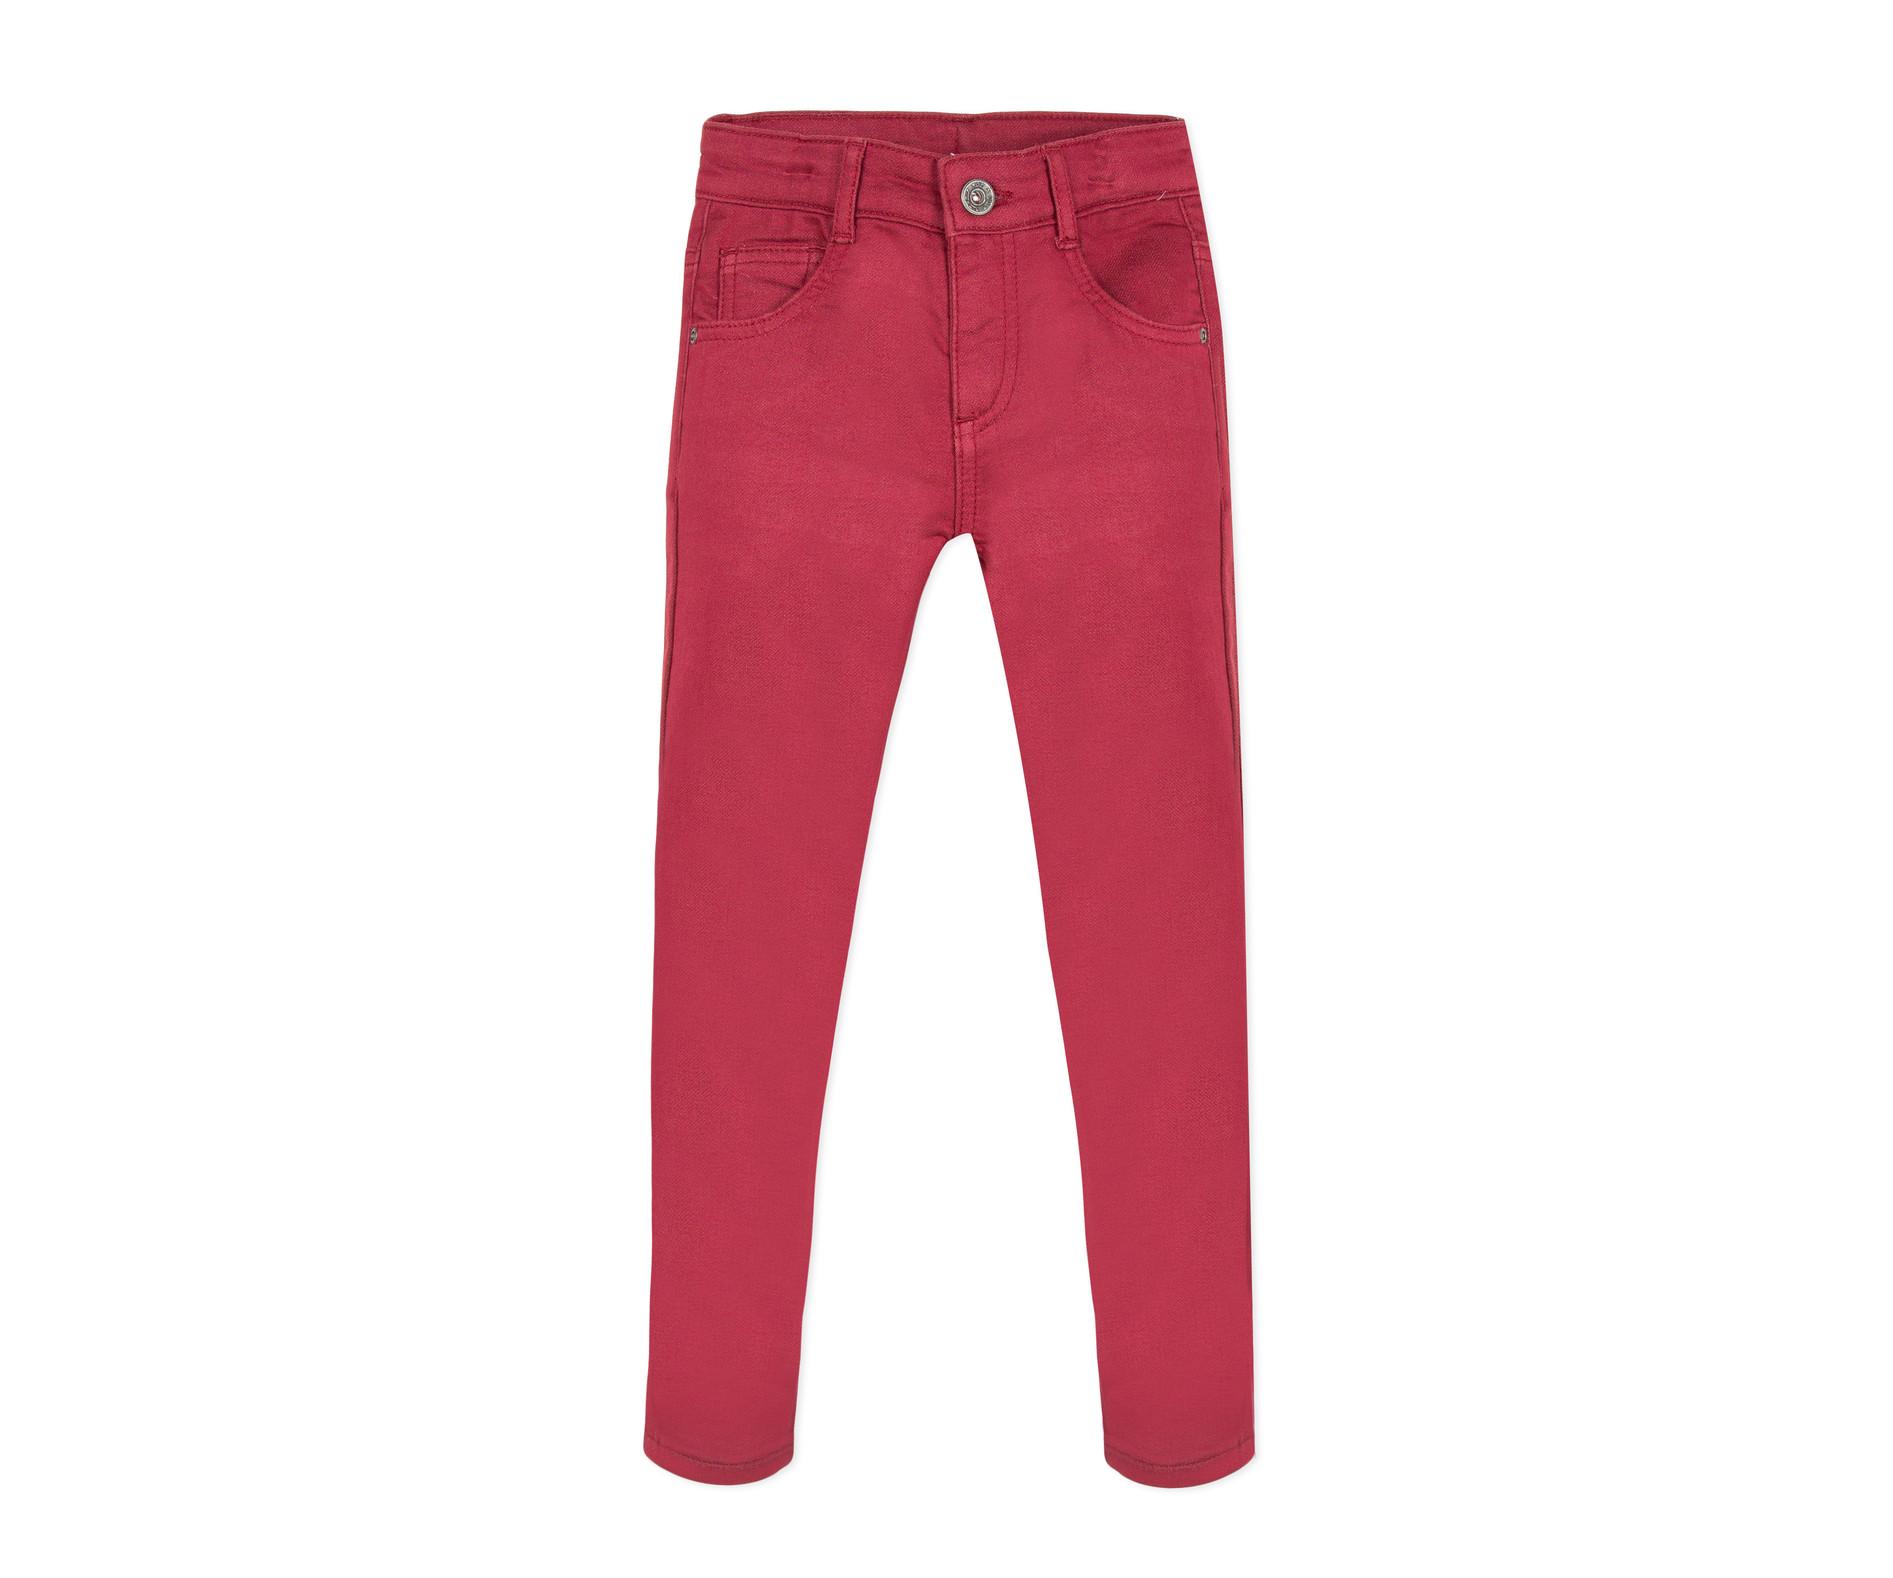 Детски панталон 3Pommes 3P22015-39, за момче на възраст 3-12 г.